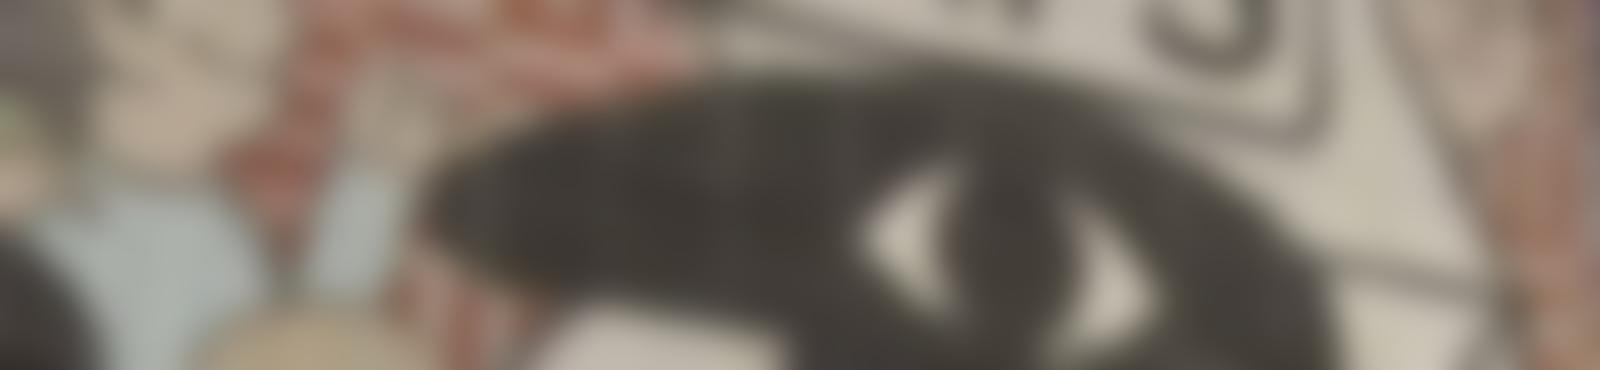 Blurred 55752c75 e5c0 4e33 96e2 20722575d2cc